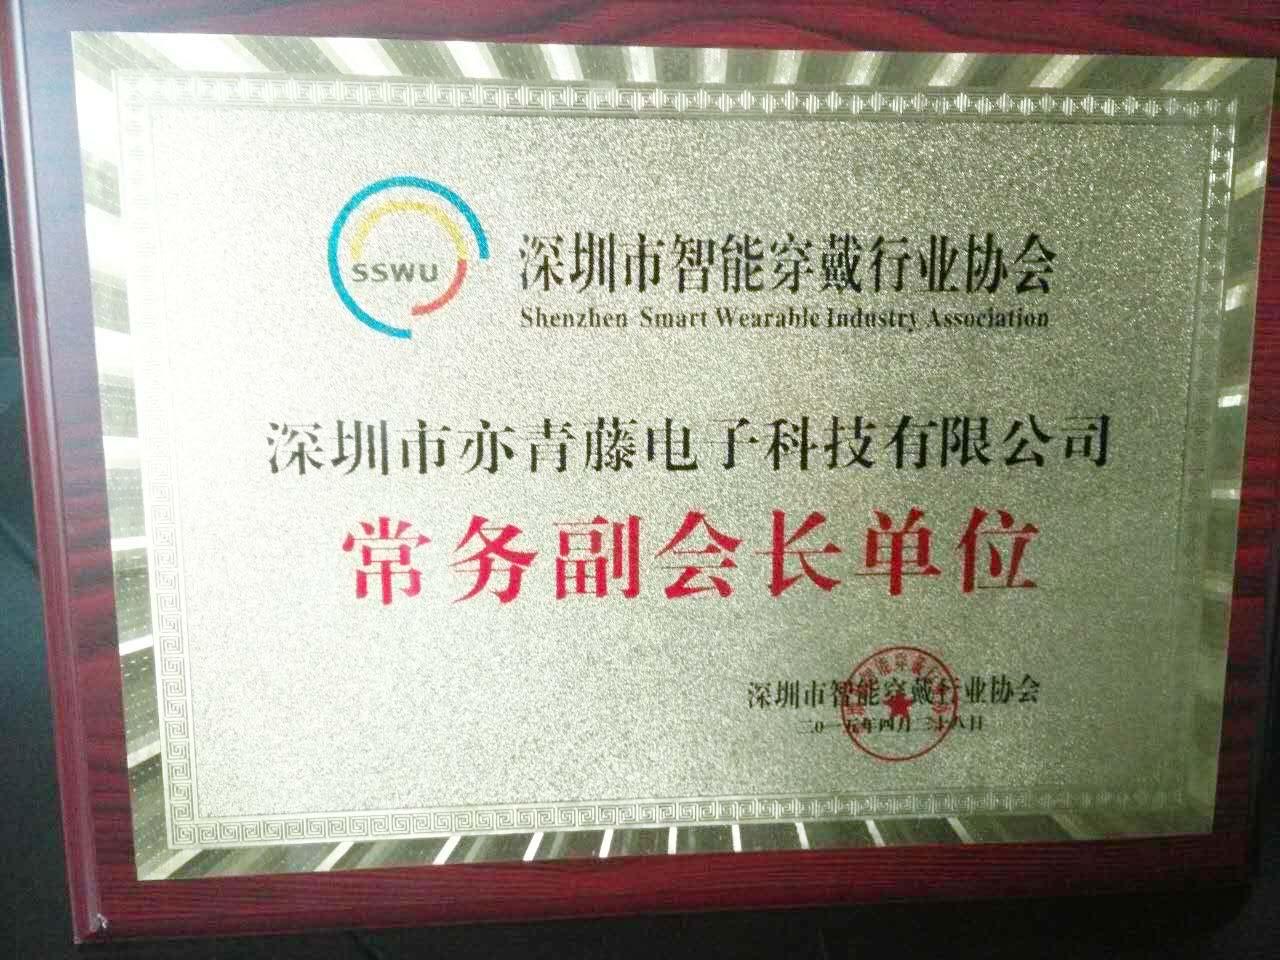 深圳市智能穿戴協會-常務副會長單位